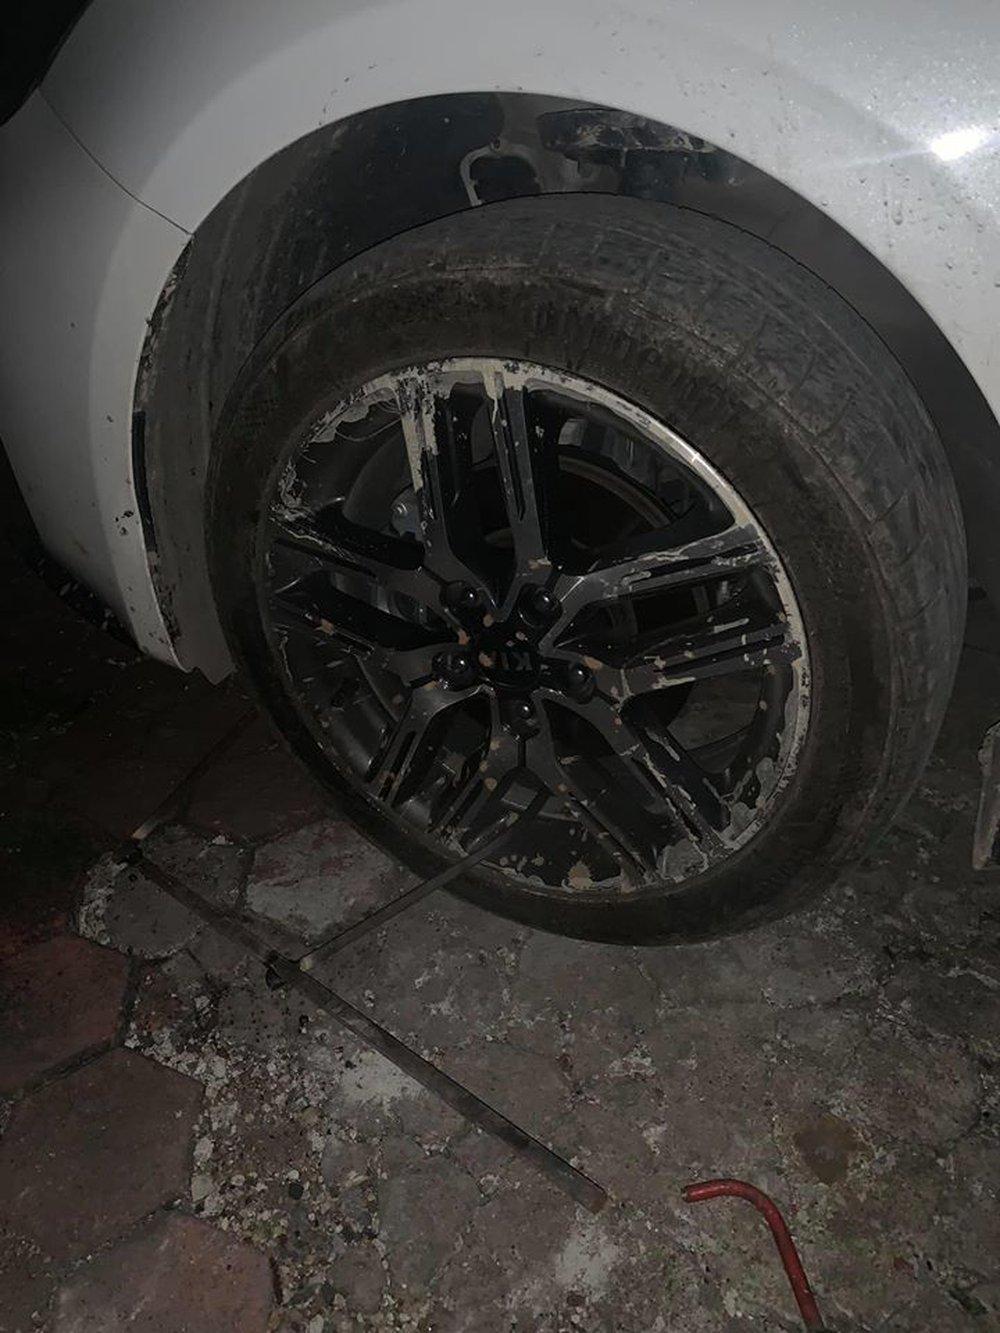 Đỗ ô tô gần chợ rồi rời đi, lúc quay về tài xế tím mặt vì mảnh giấy nhắn và tình trạng của lốp xe - Ảnh 1.